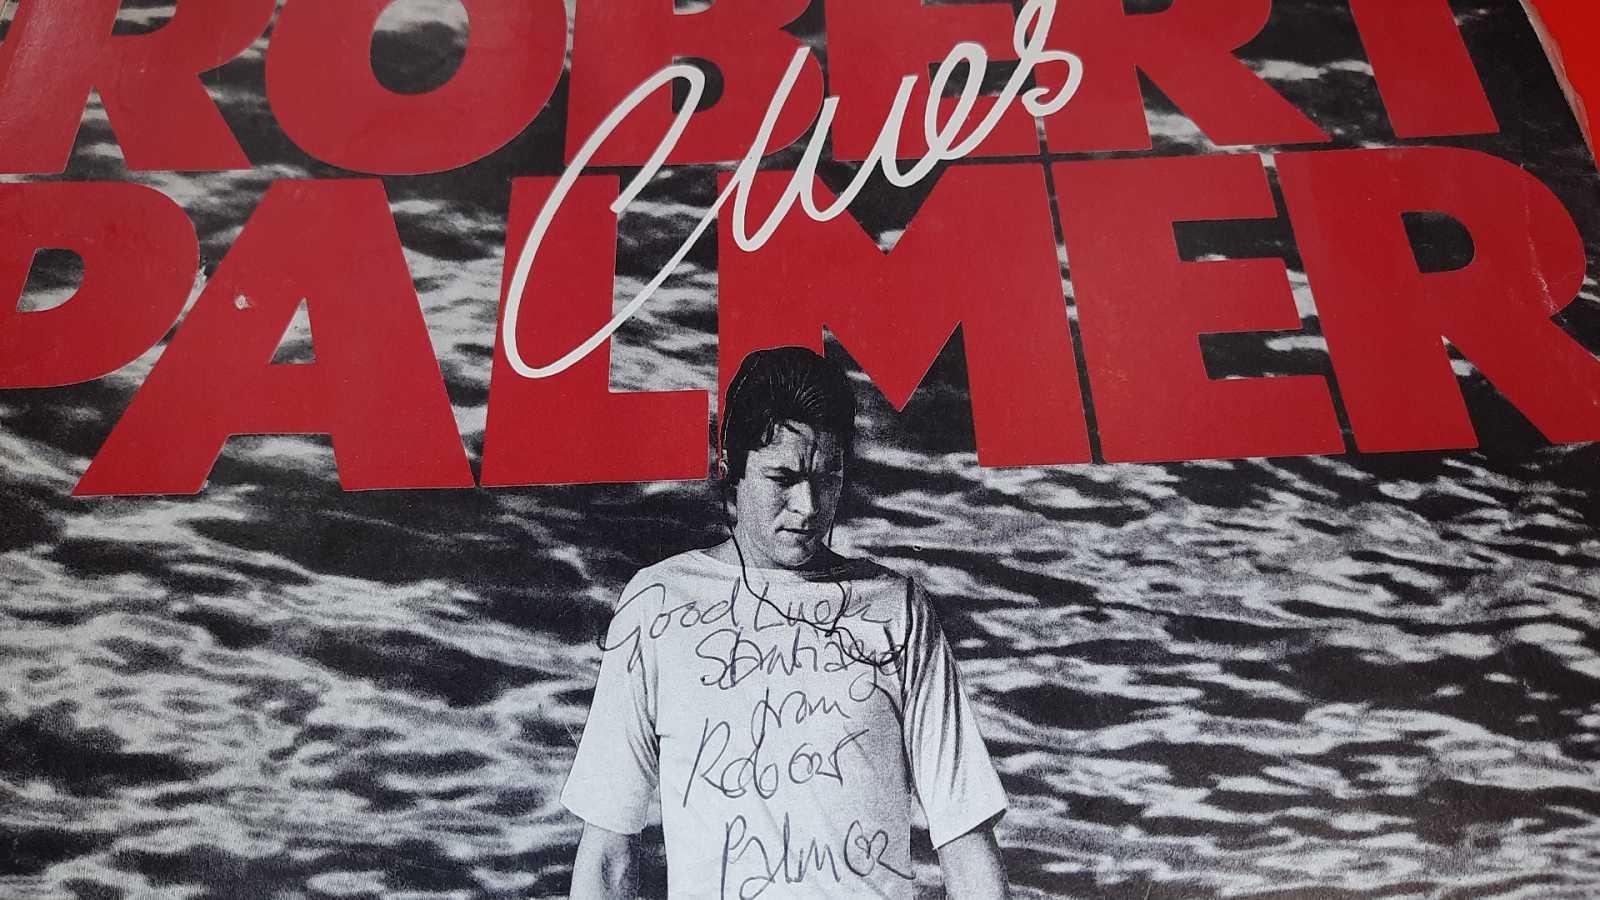 Como lo oyes - Mis vinilos de 1980: Capítulo 3: New Music In UK - 18/11/20 - escuchar ahora